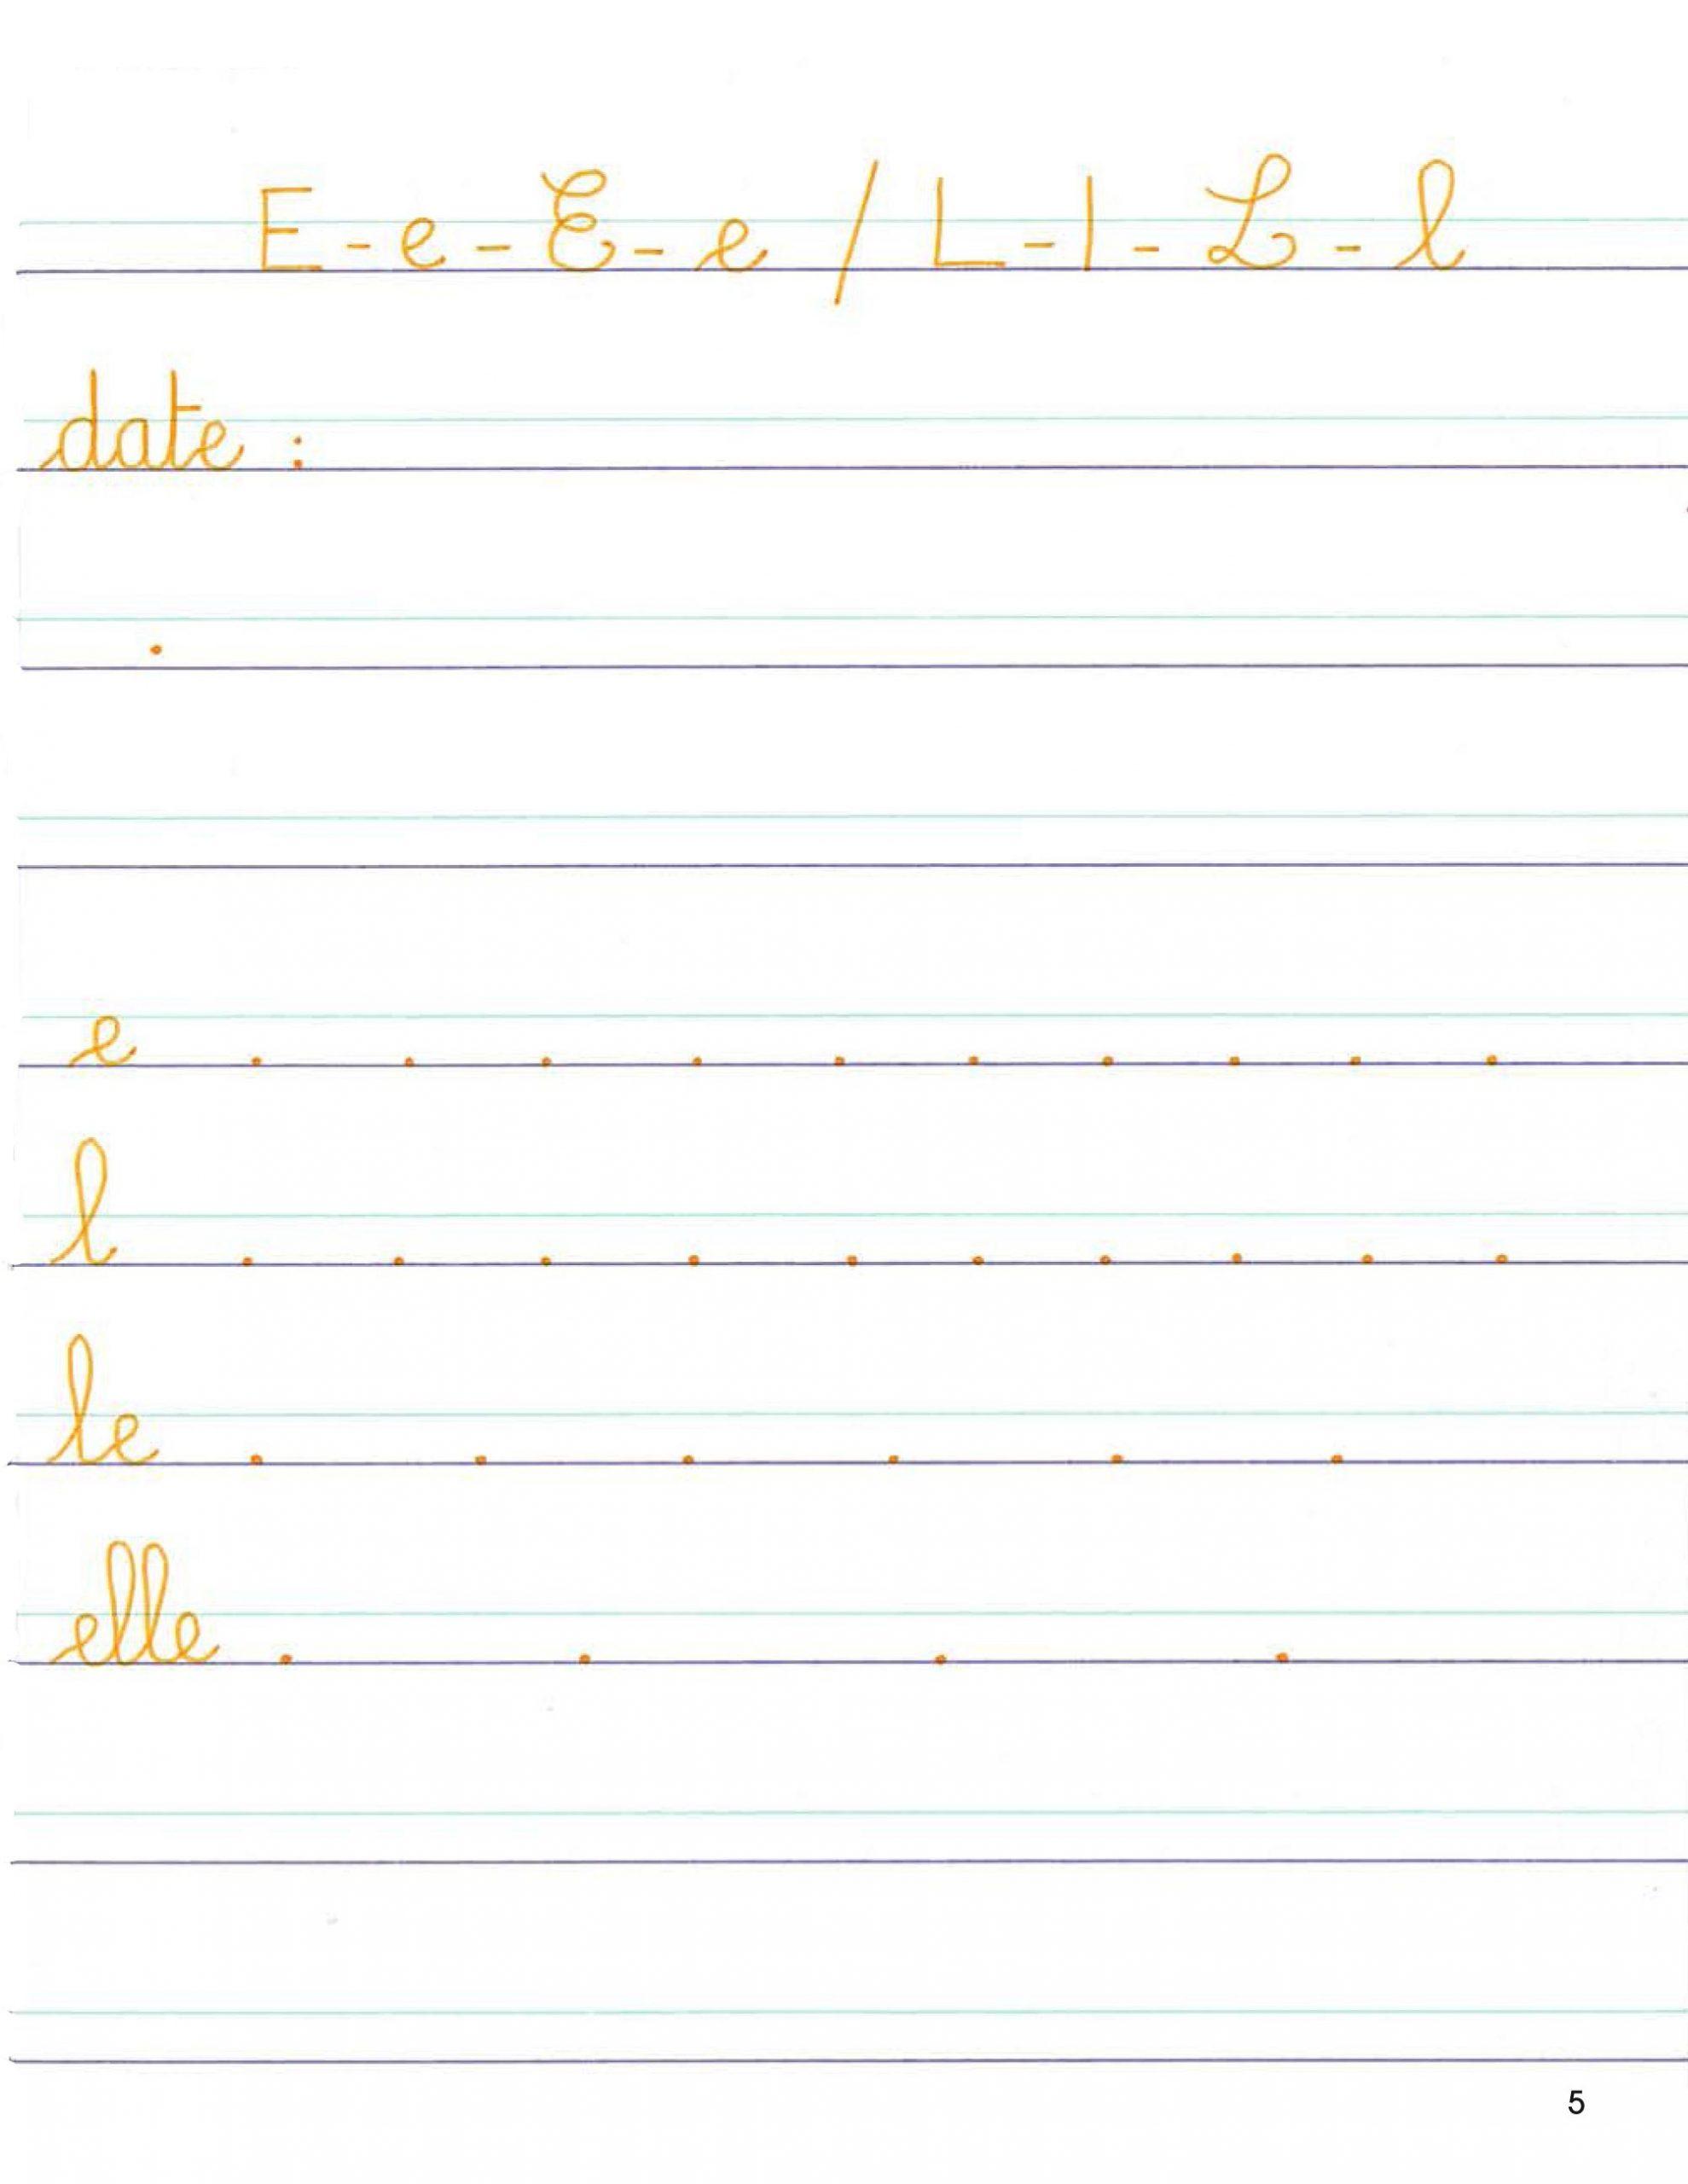 Mon Cahier D'écriture Grande Section De Maternelle - Scop tout Exercices Maternelle Grande Section En Ligne Gratuit